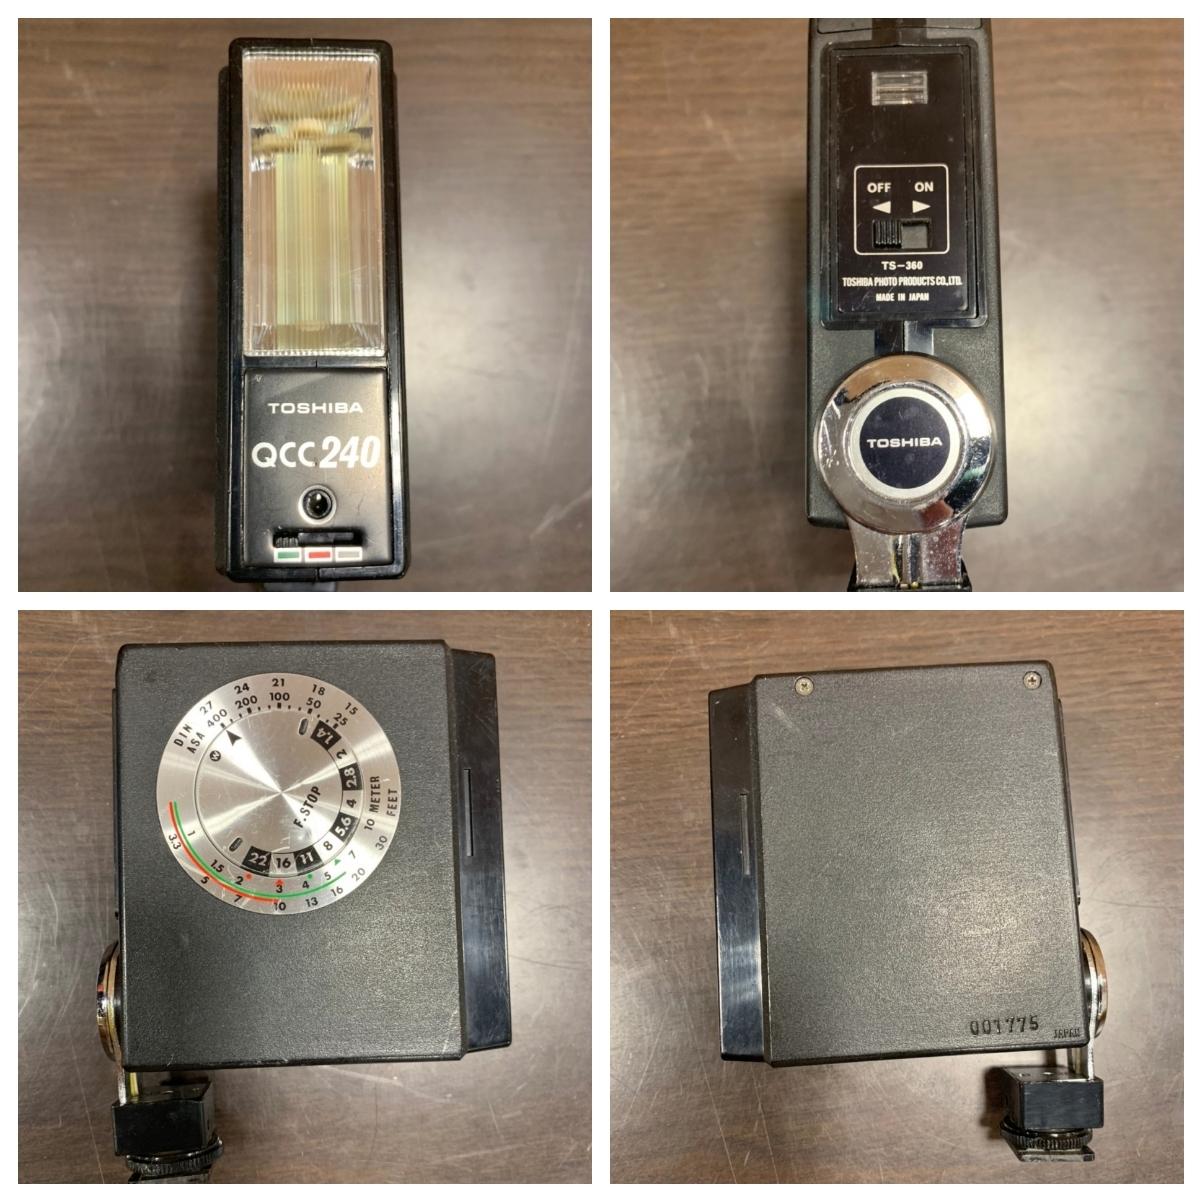 △Canon キャノン A-1 カメラ+FD 50mm 1:1.4+Tokina 80-200mm 1:4 レンズ(KS3-225)_画像9